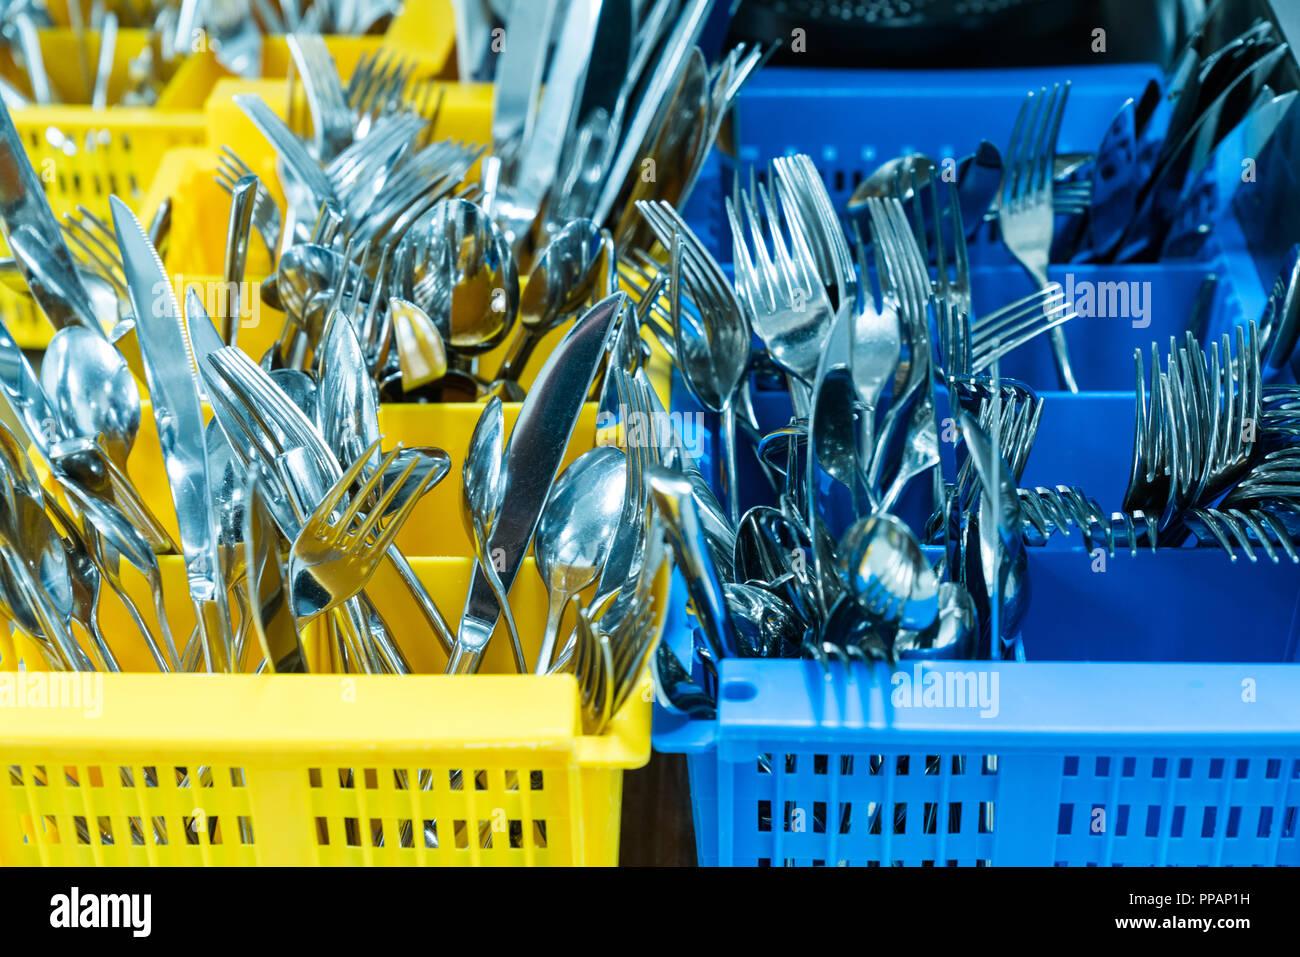 Besteck und Geschirr in bunten palstic ocntainer in einem industriellen Restaurant Küche sauber und frisch aus der Spülmaschine Stockfoto